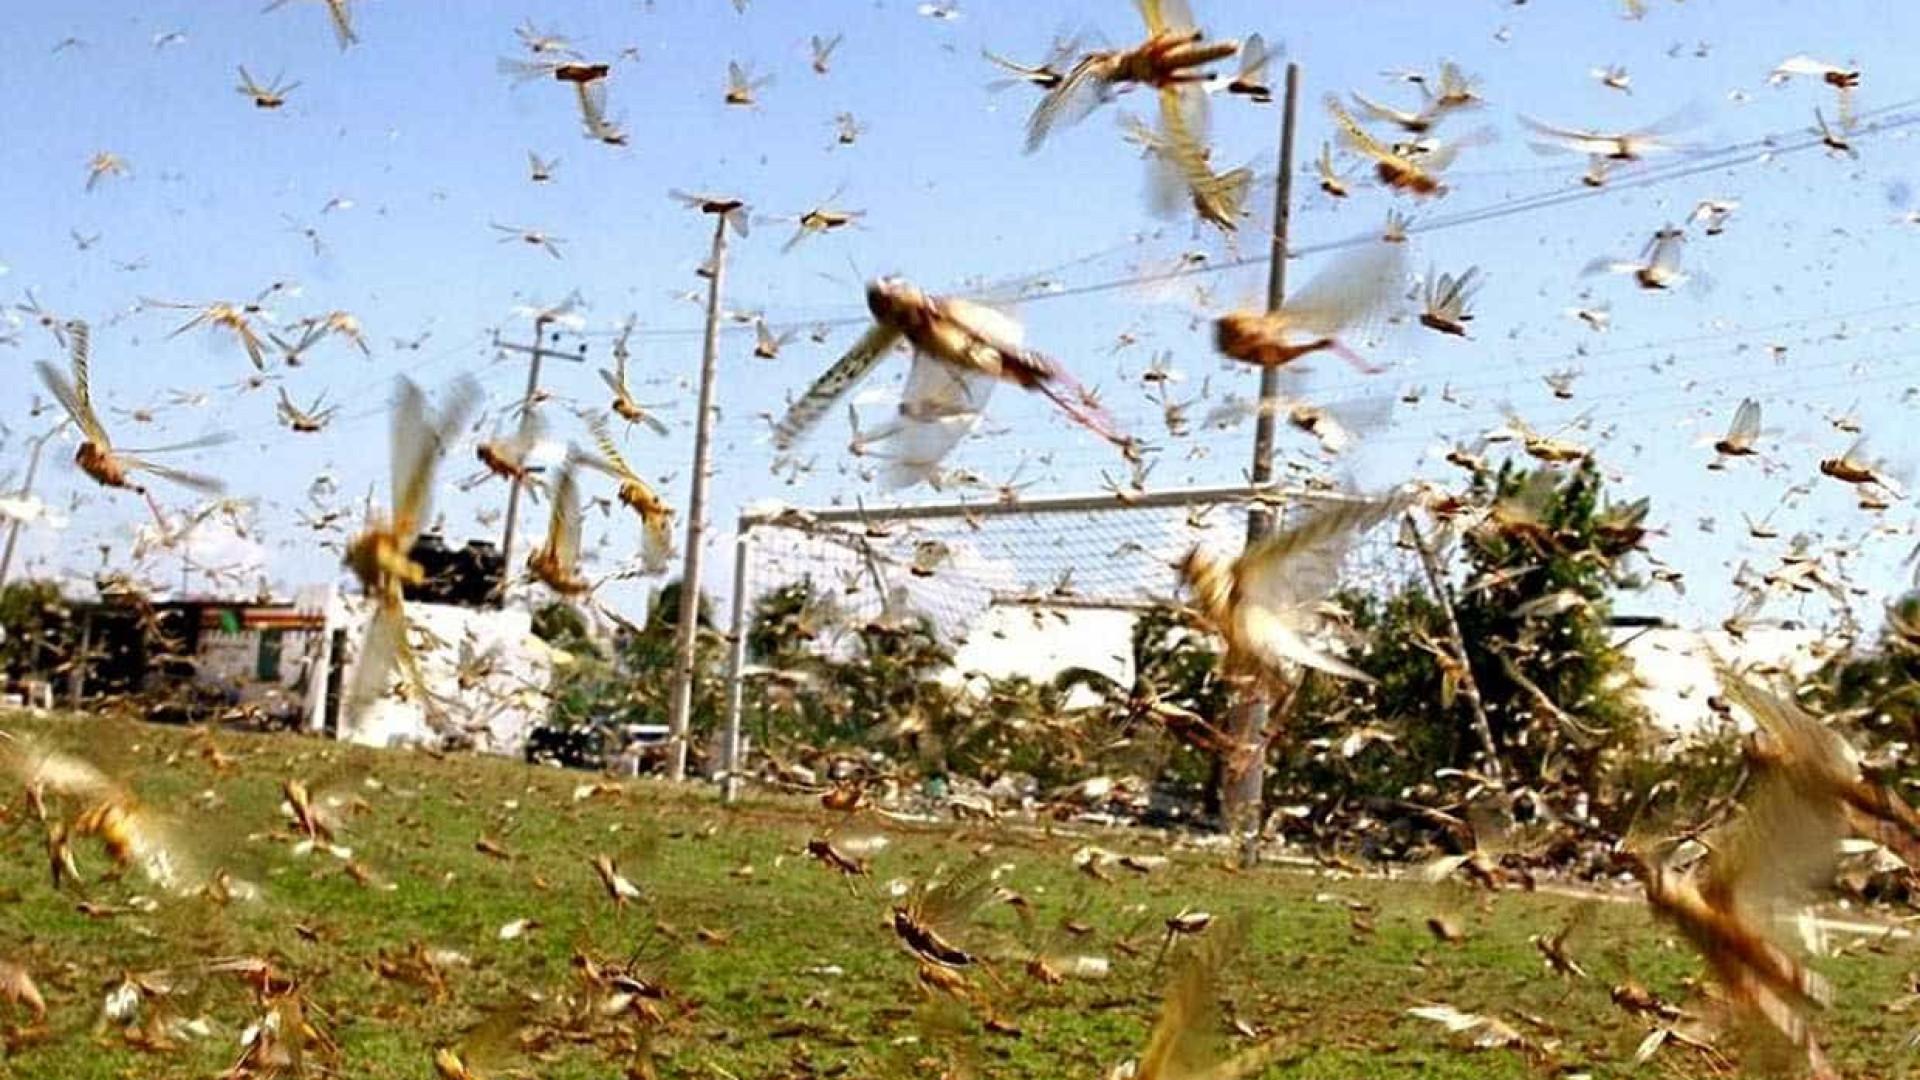 Argentinos monitoram nuvem de gafanhotos